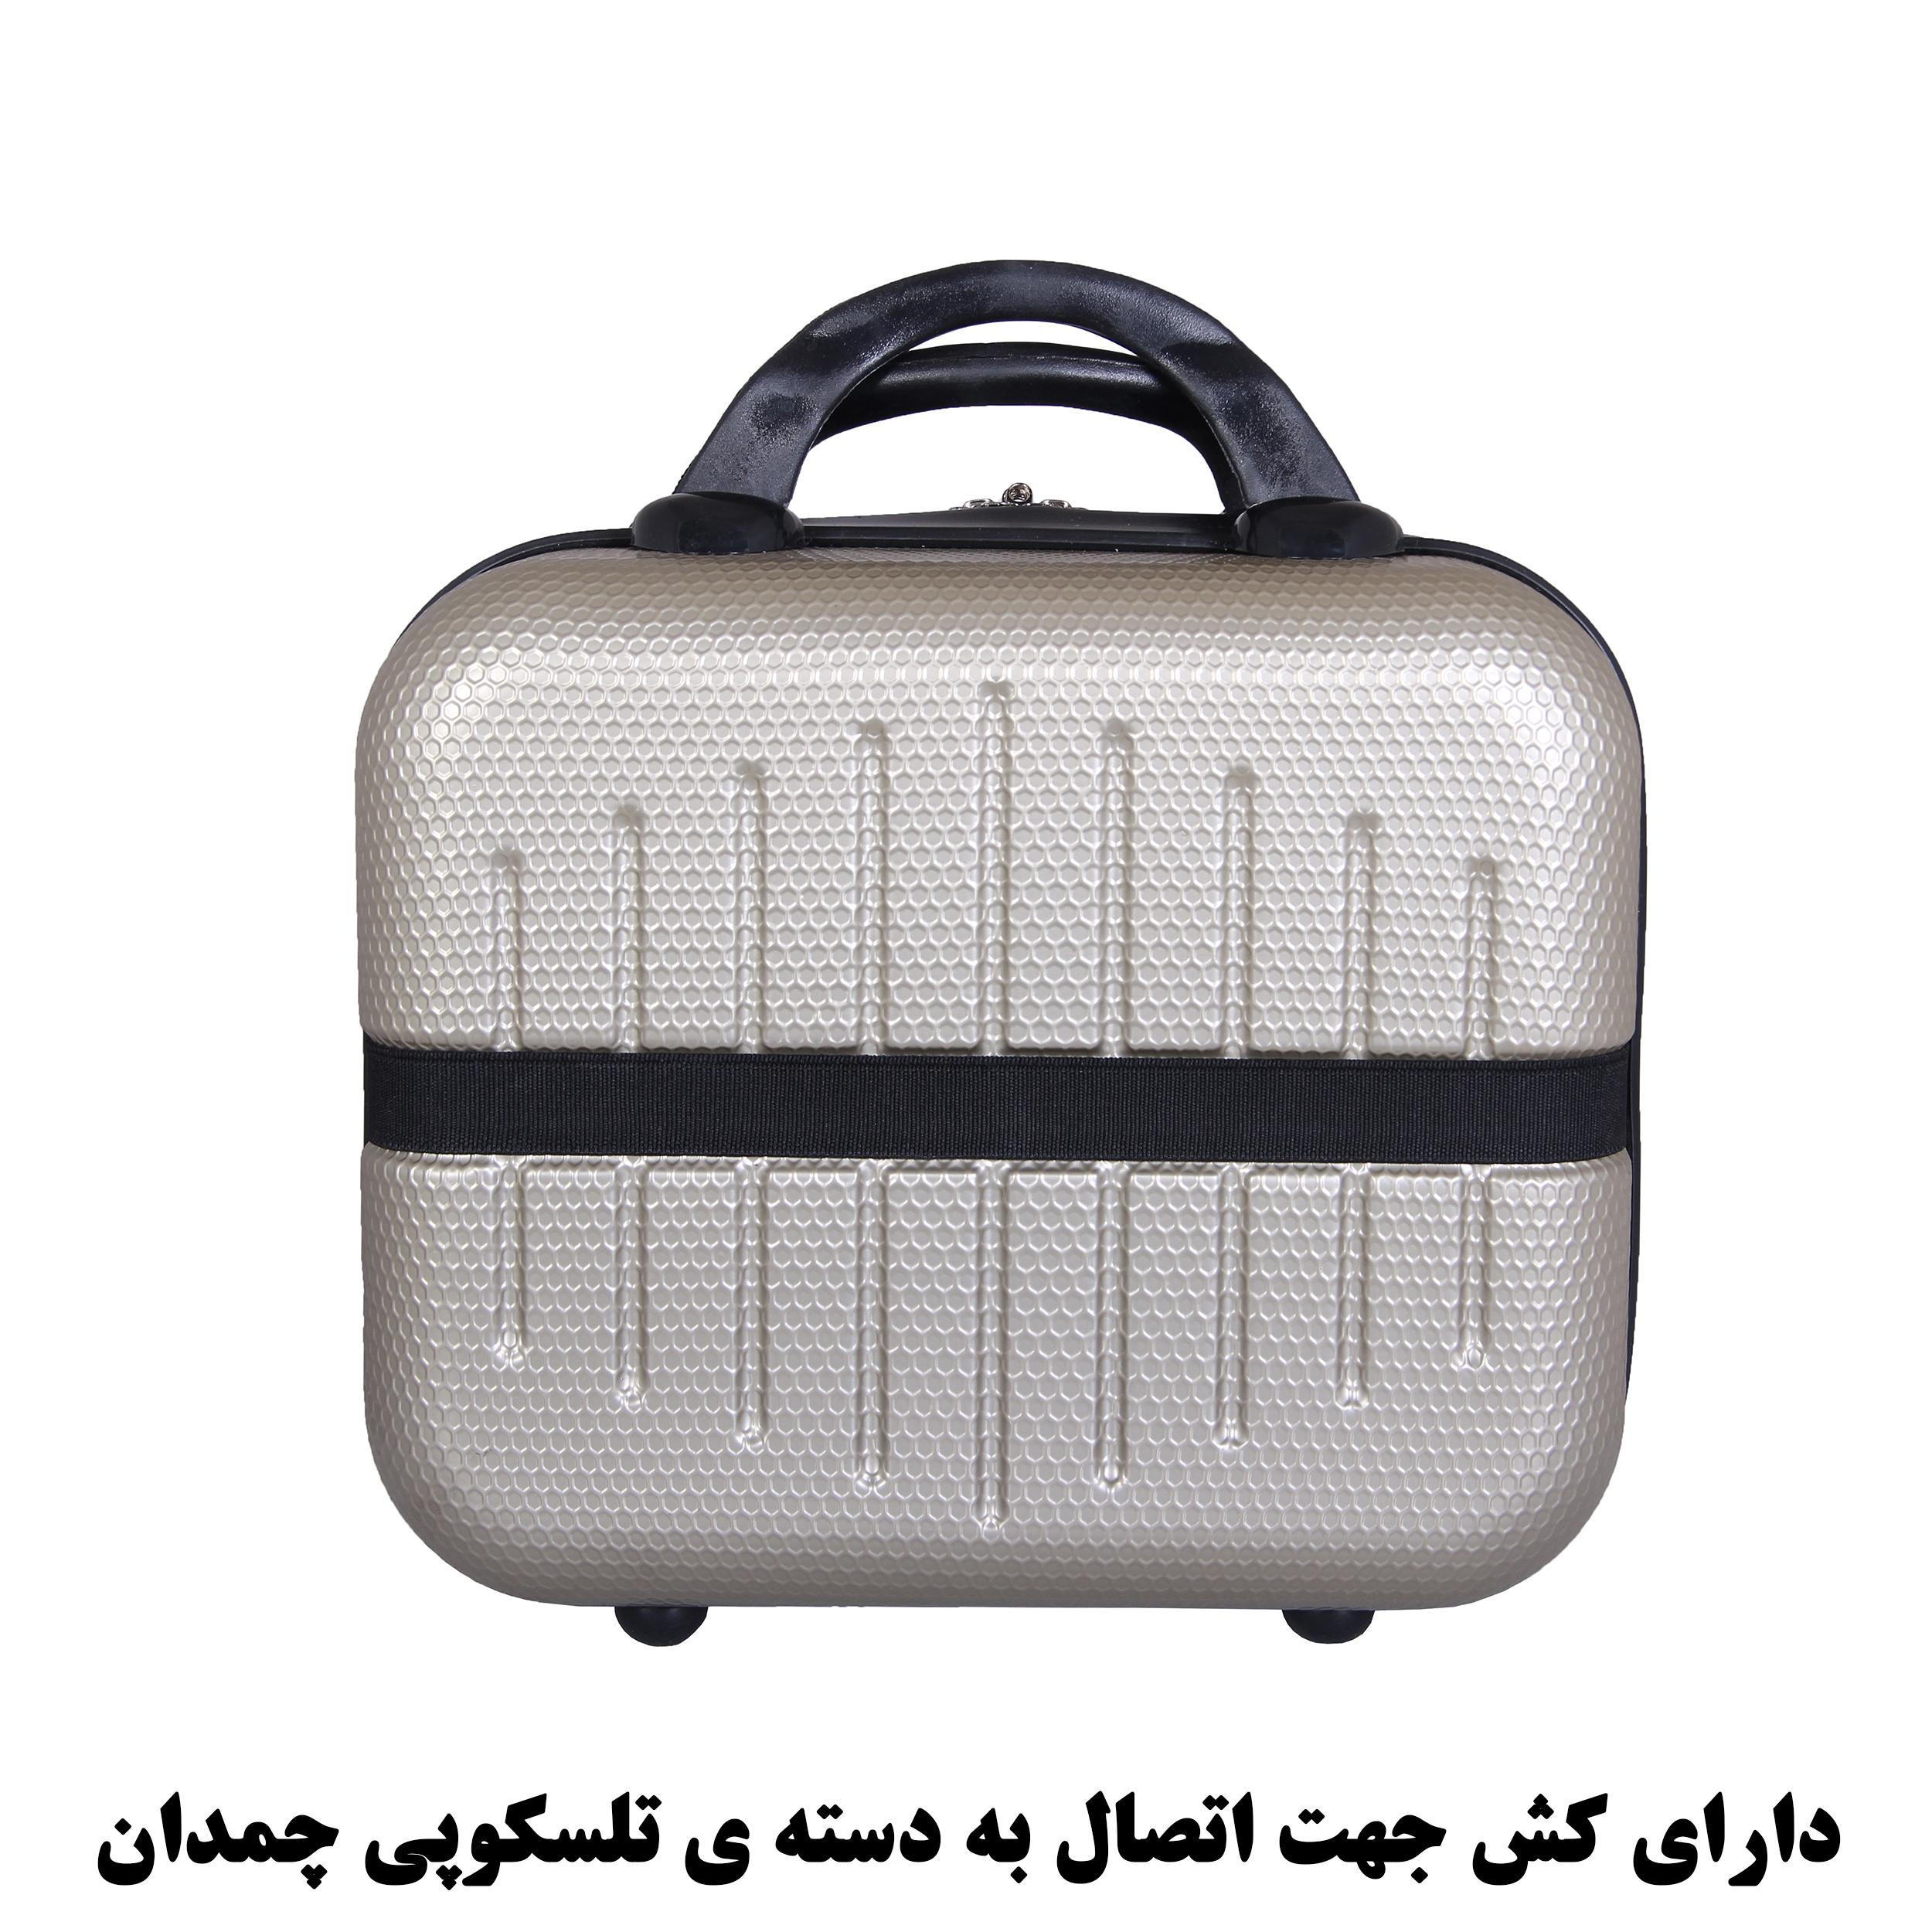 مجموعه چهار عددی چمدان اسپرت من مدل NS001 main 1 47